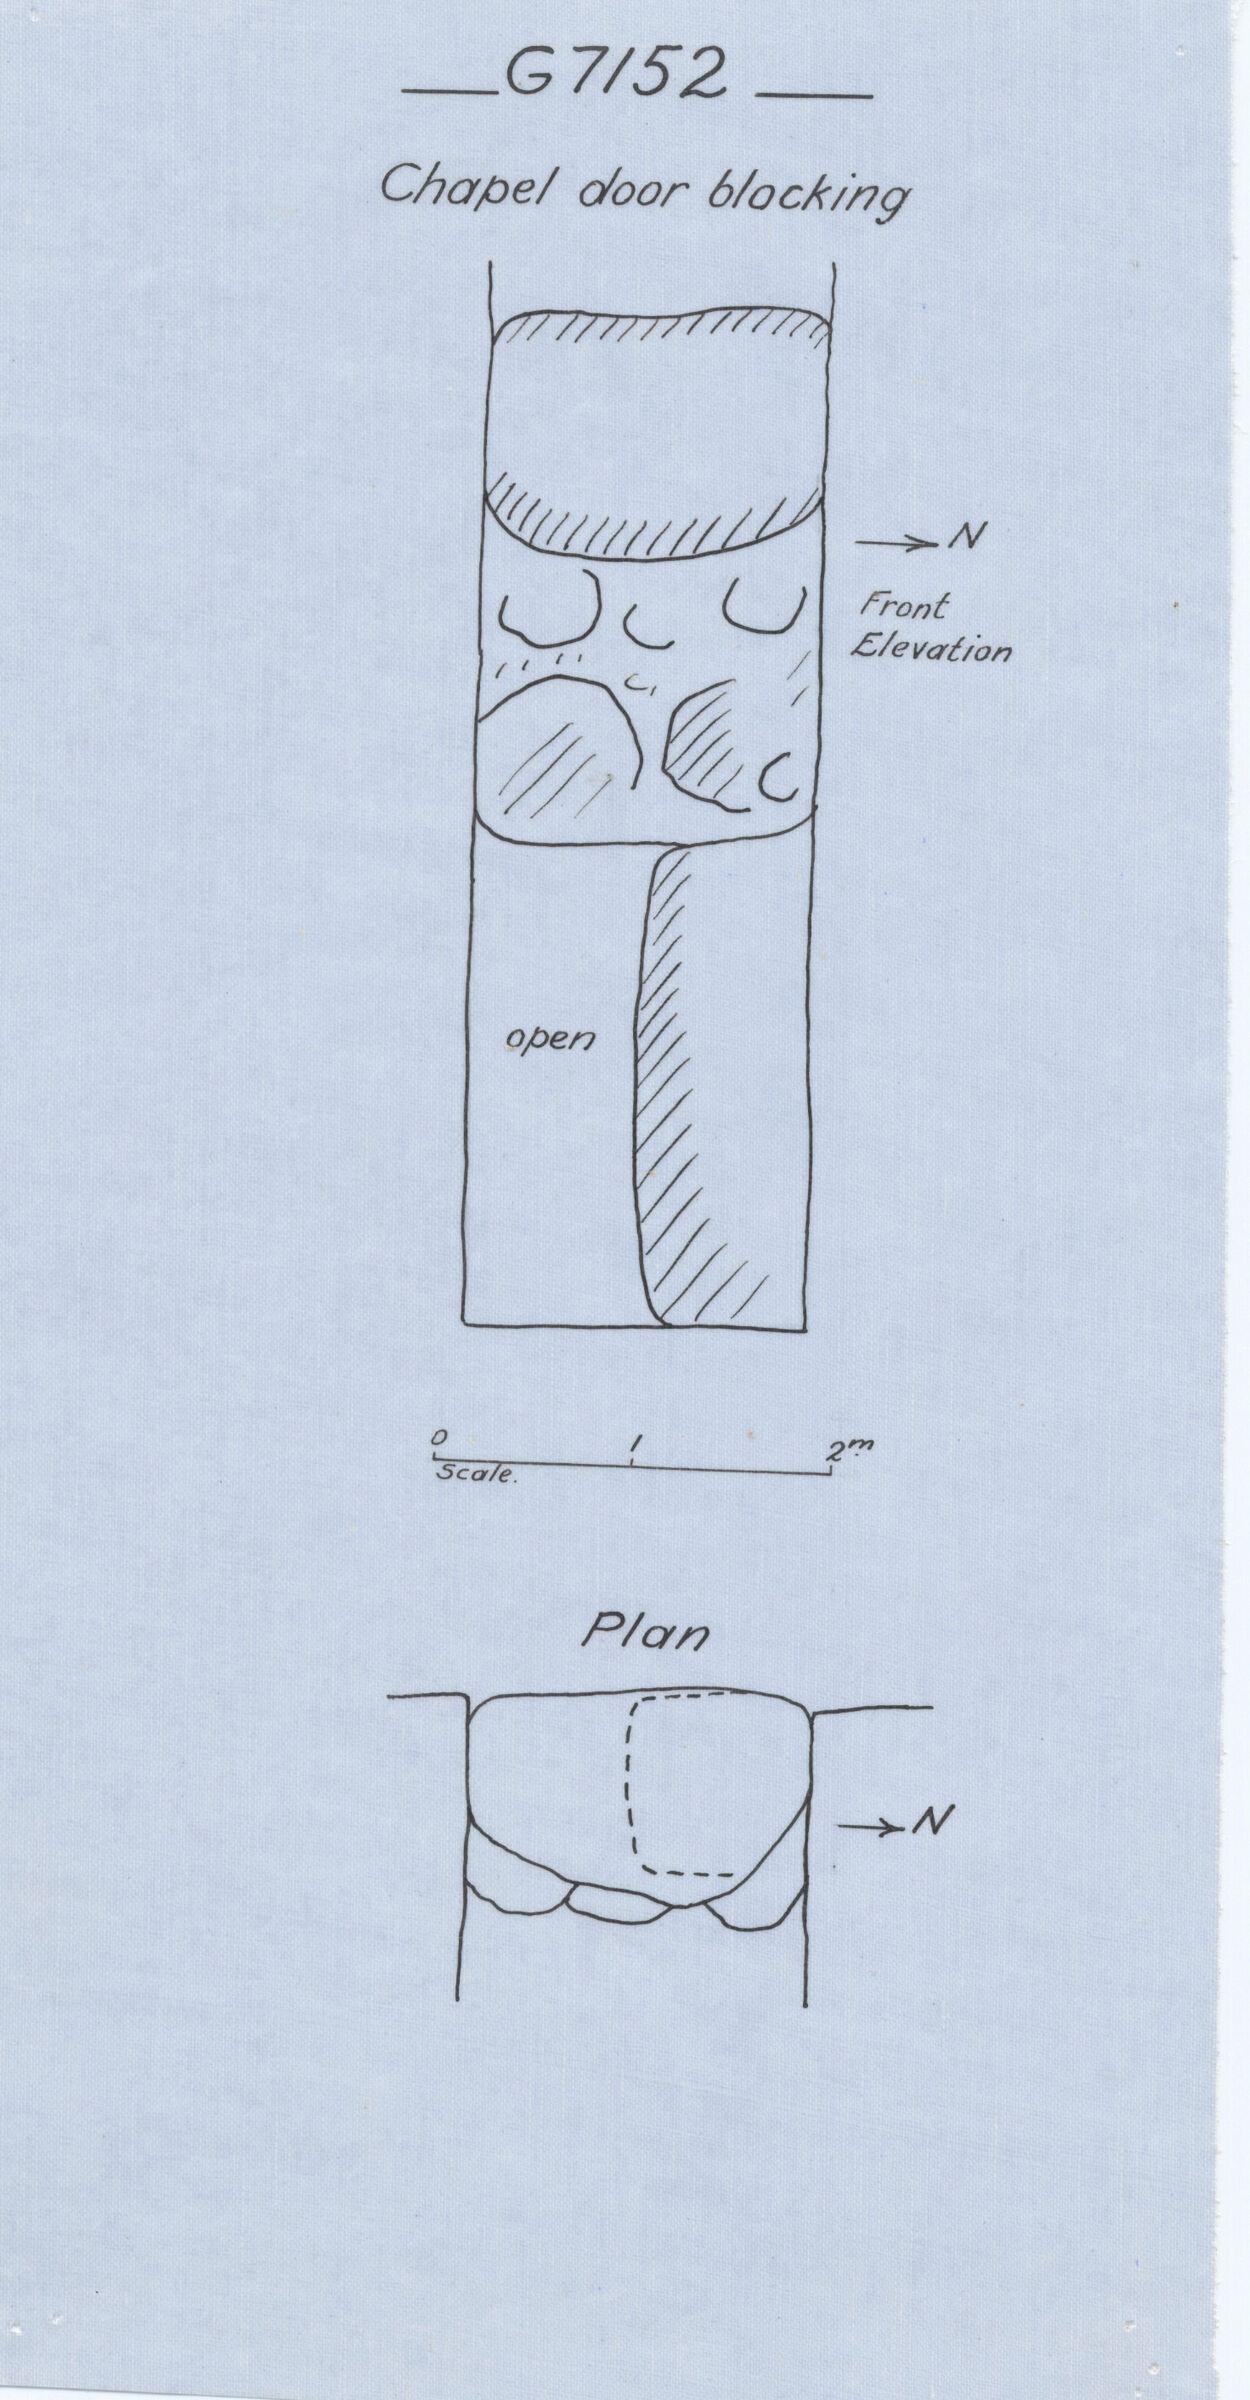 Maps and plans: G 7152, Chapel door blocking